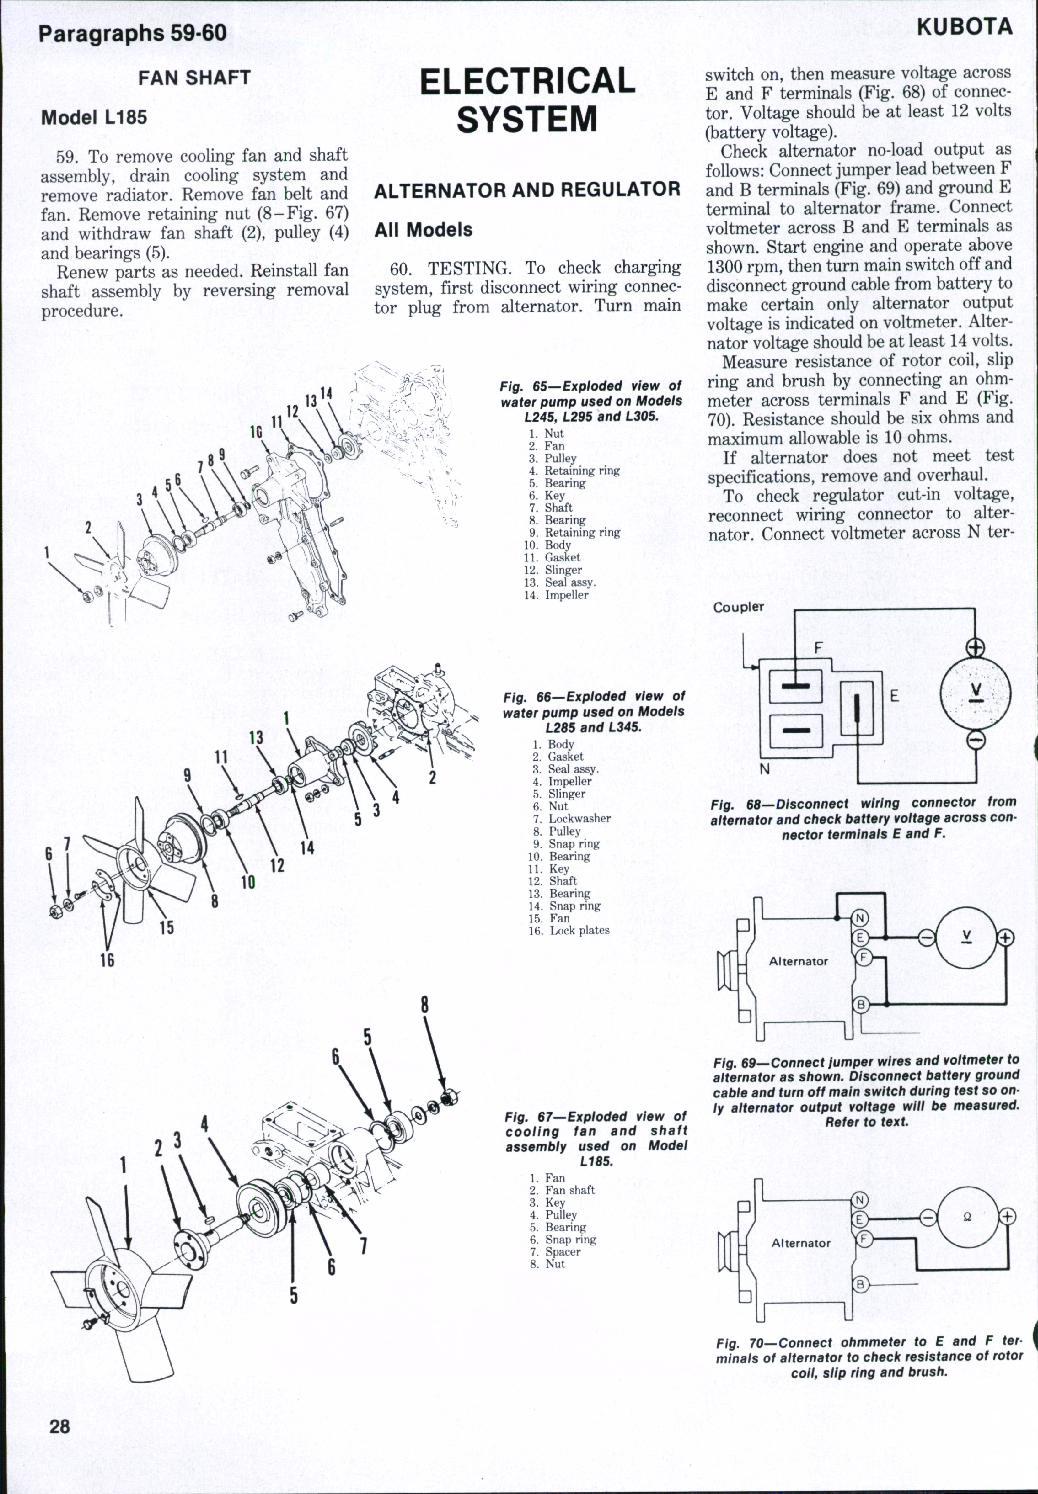 Kubota Wiring Diagrams - Wiring Diagrams on